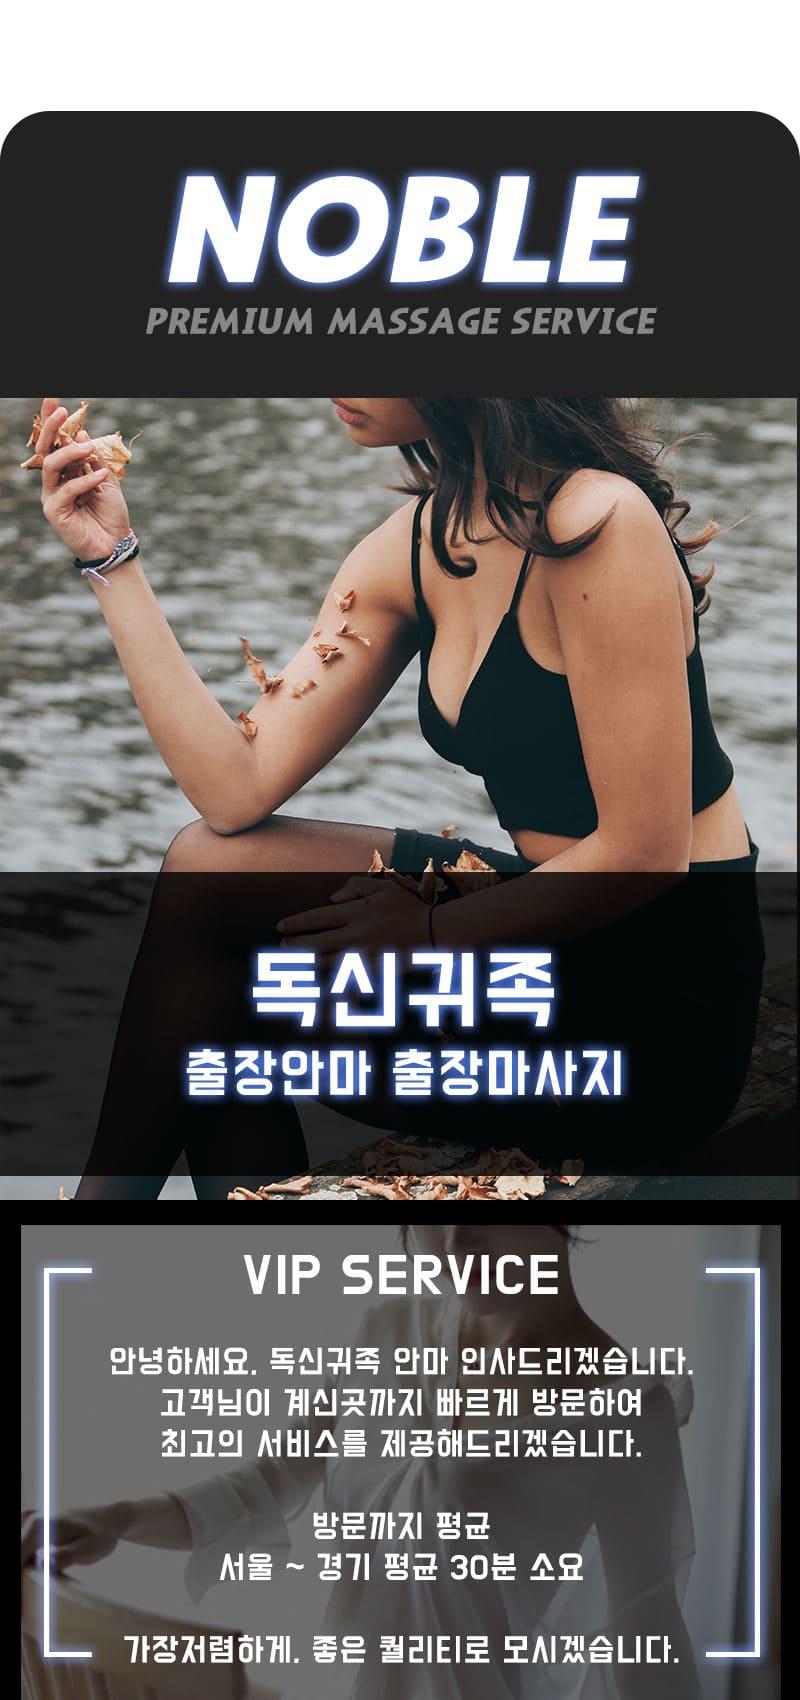 의정부출장안마 소개